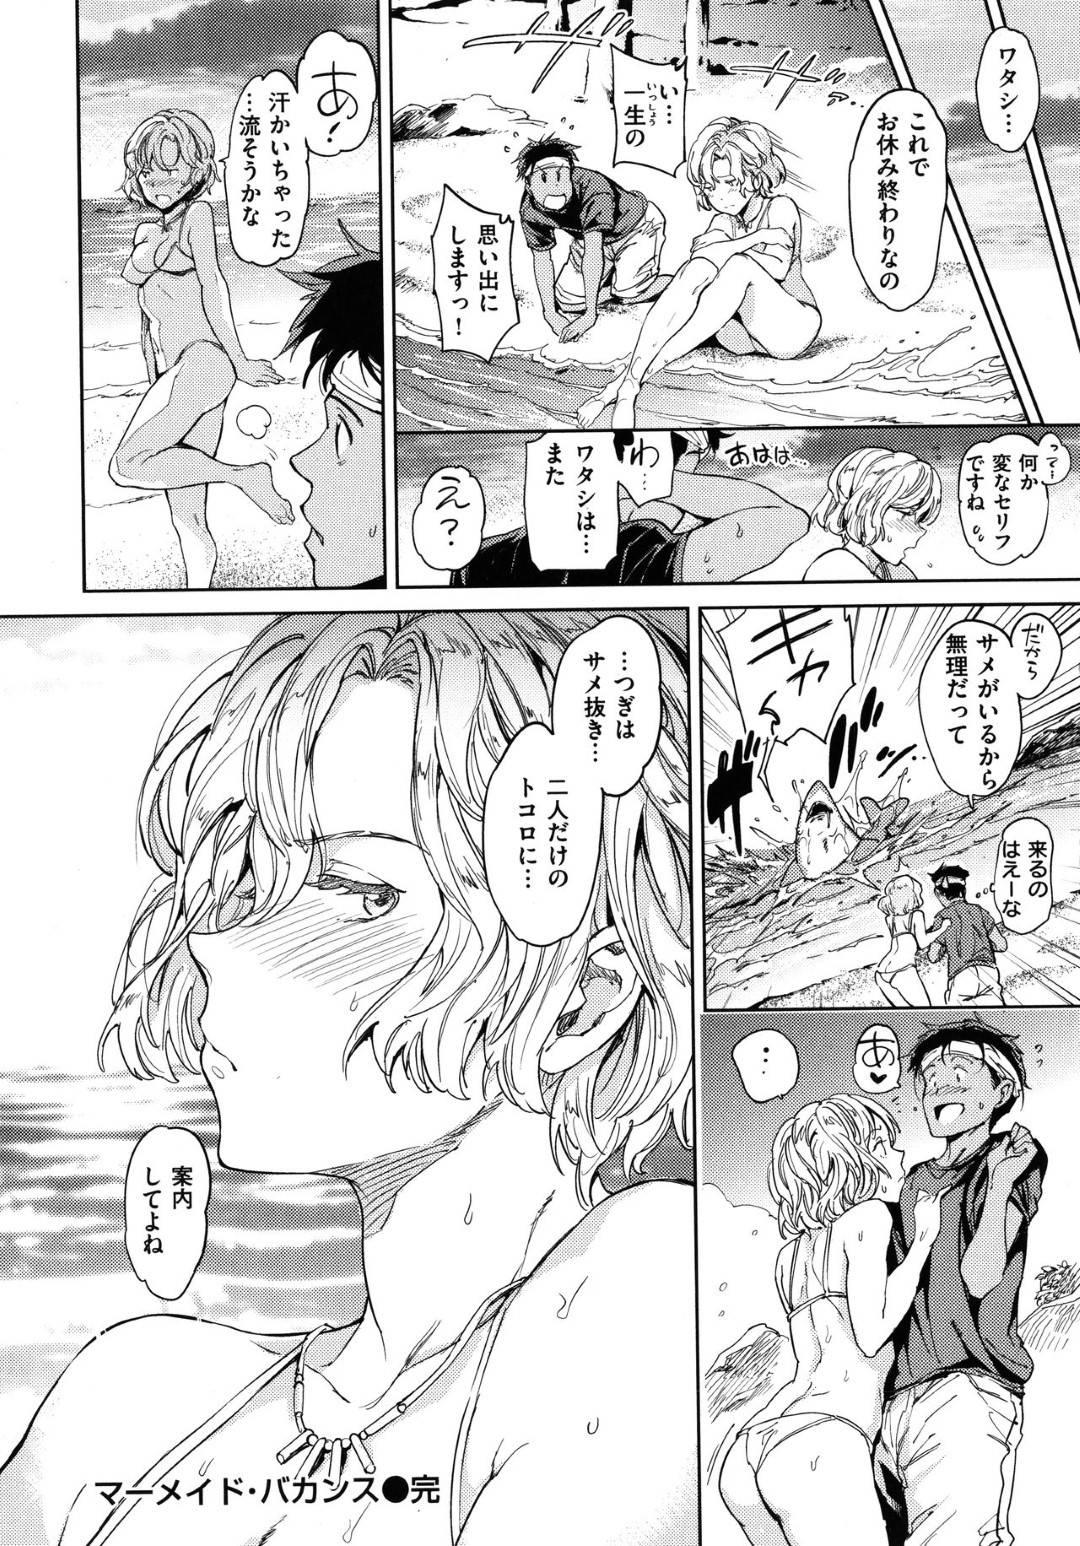 【エロ漫画】漁師の網に引っ掛かってしまった有名海外女優…お忍びで着て楽しんでいたがバレてしまう!親切な漁師に惹かれてしまい砂浜で中出しセックス!【mogg】